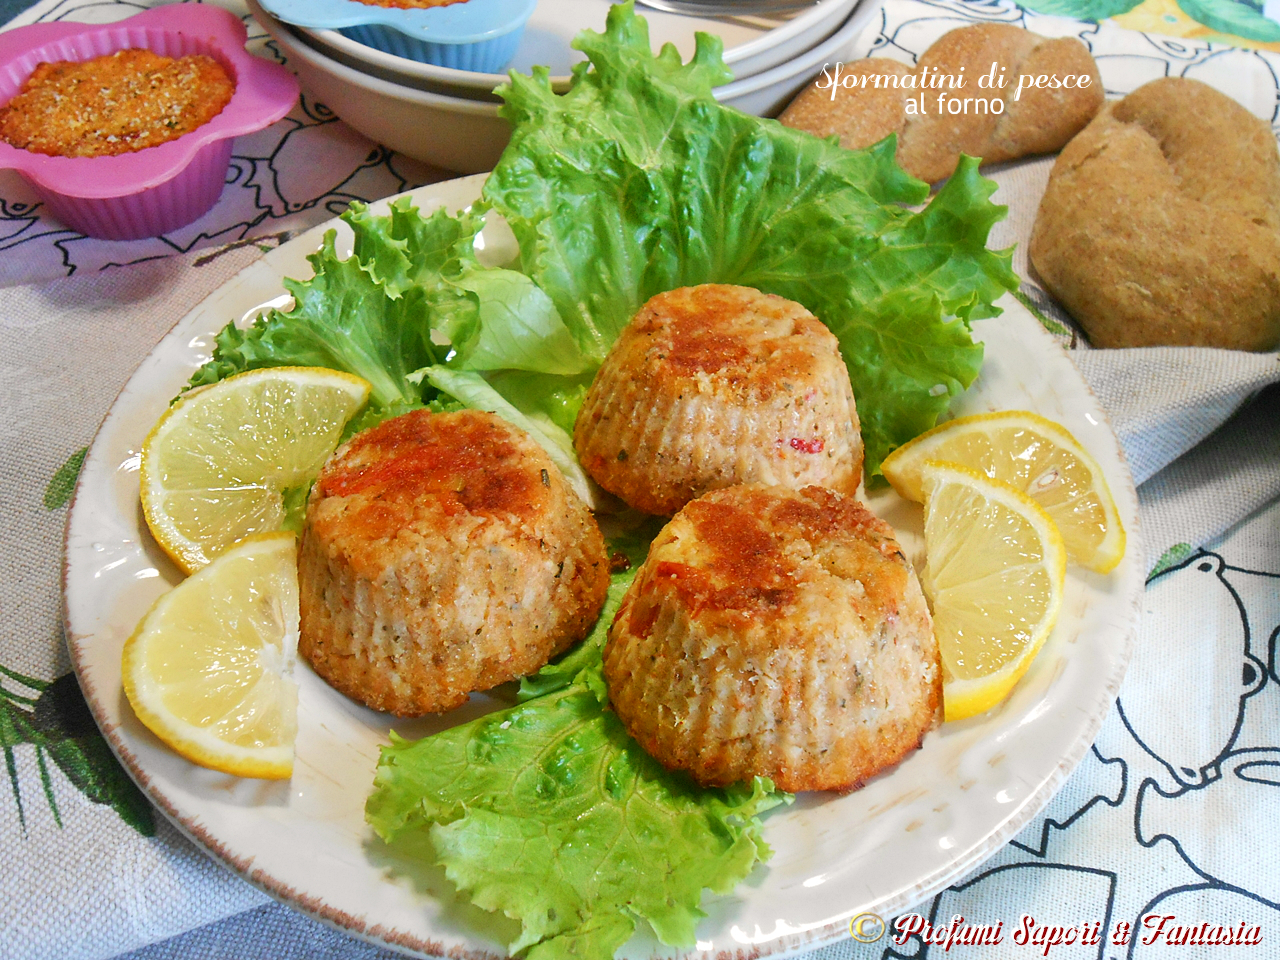 Estremamente Sformatini di pesce al forno ricetta facile leggera e gustosa OF14